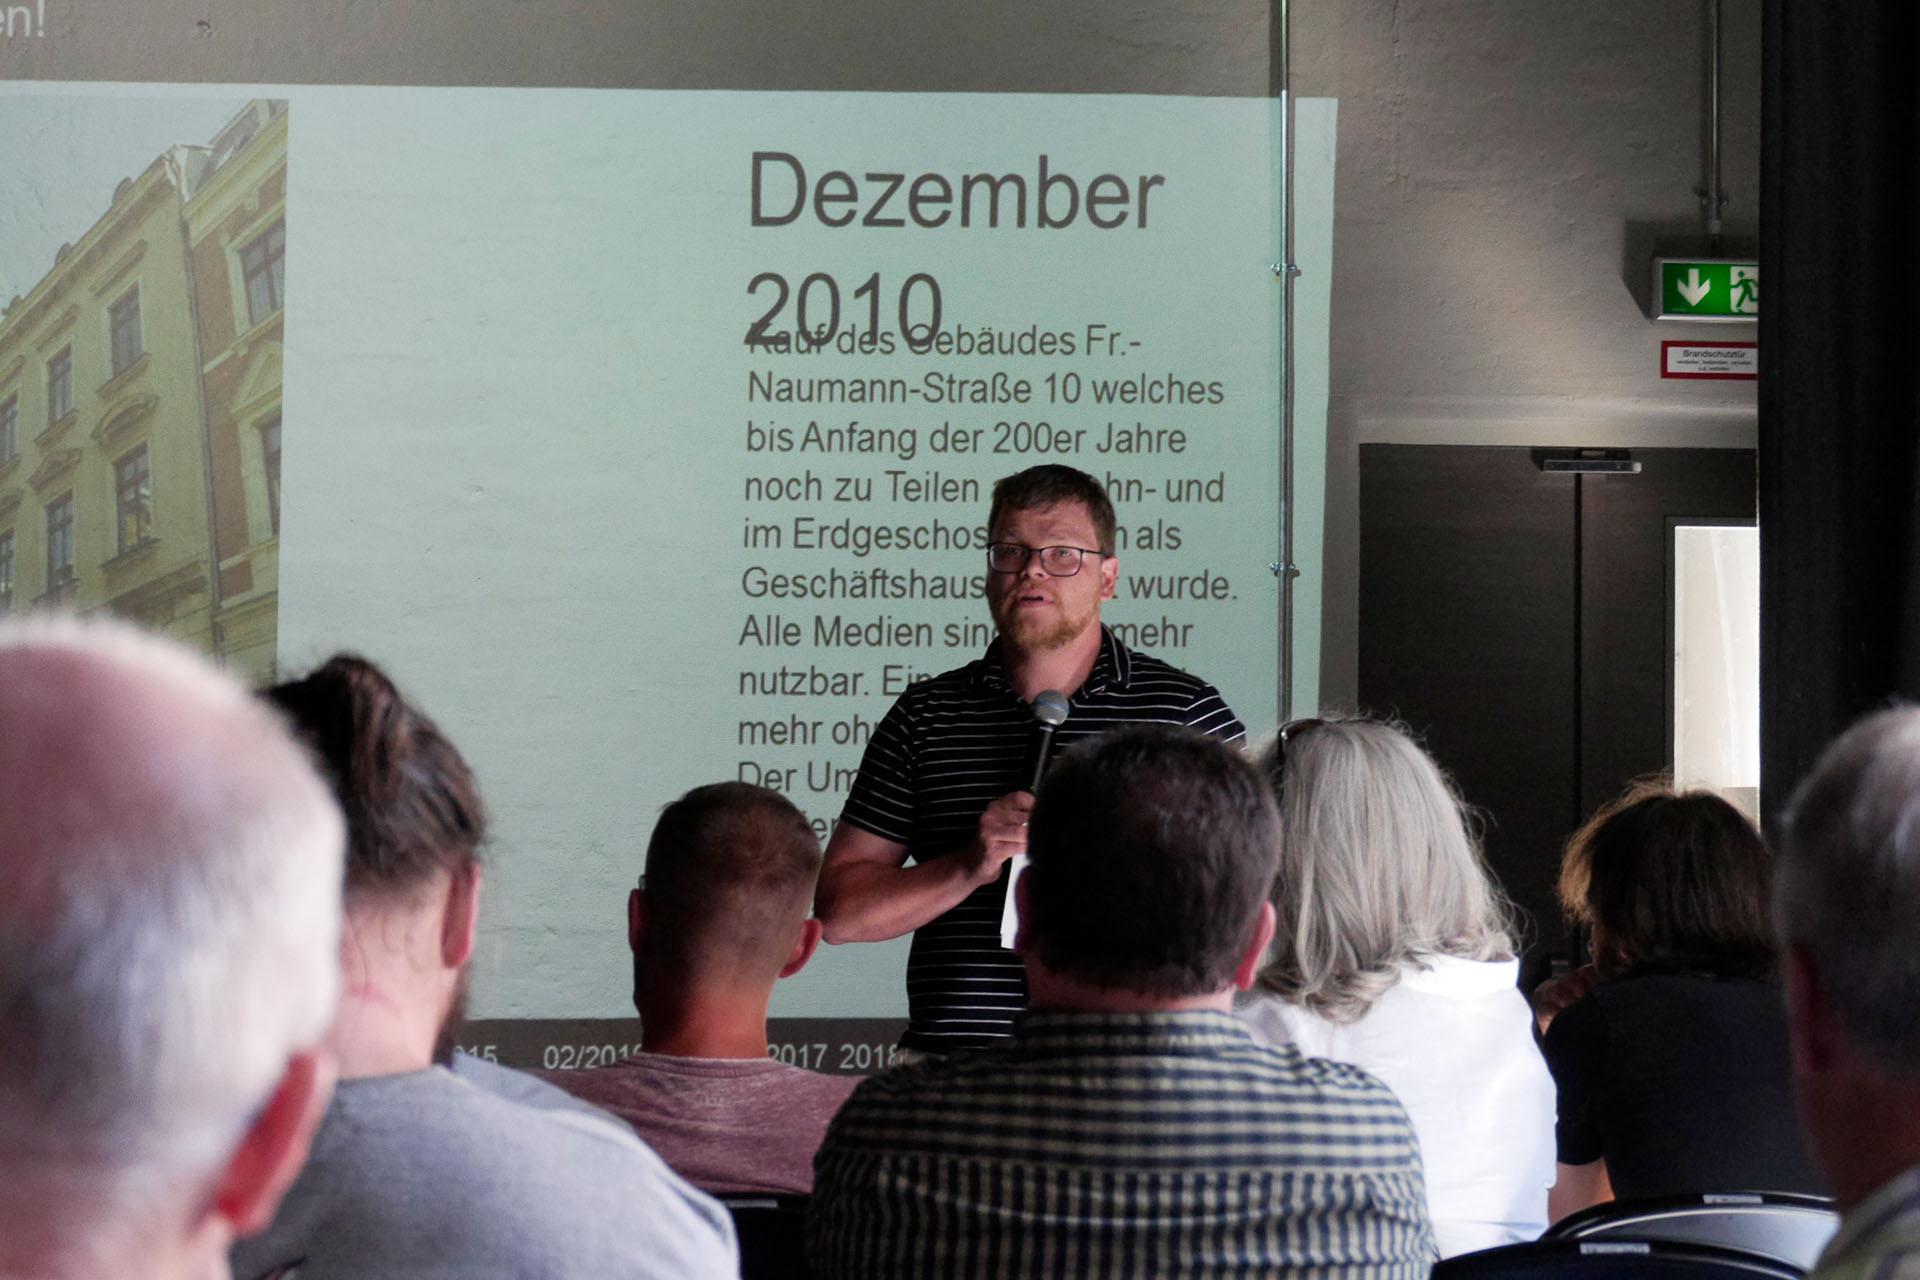 Verein the.Arter bot im 10aRium offene Veranstaltung zur Frage der Finanzierung